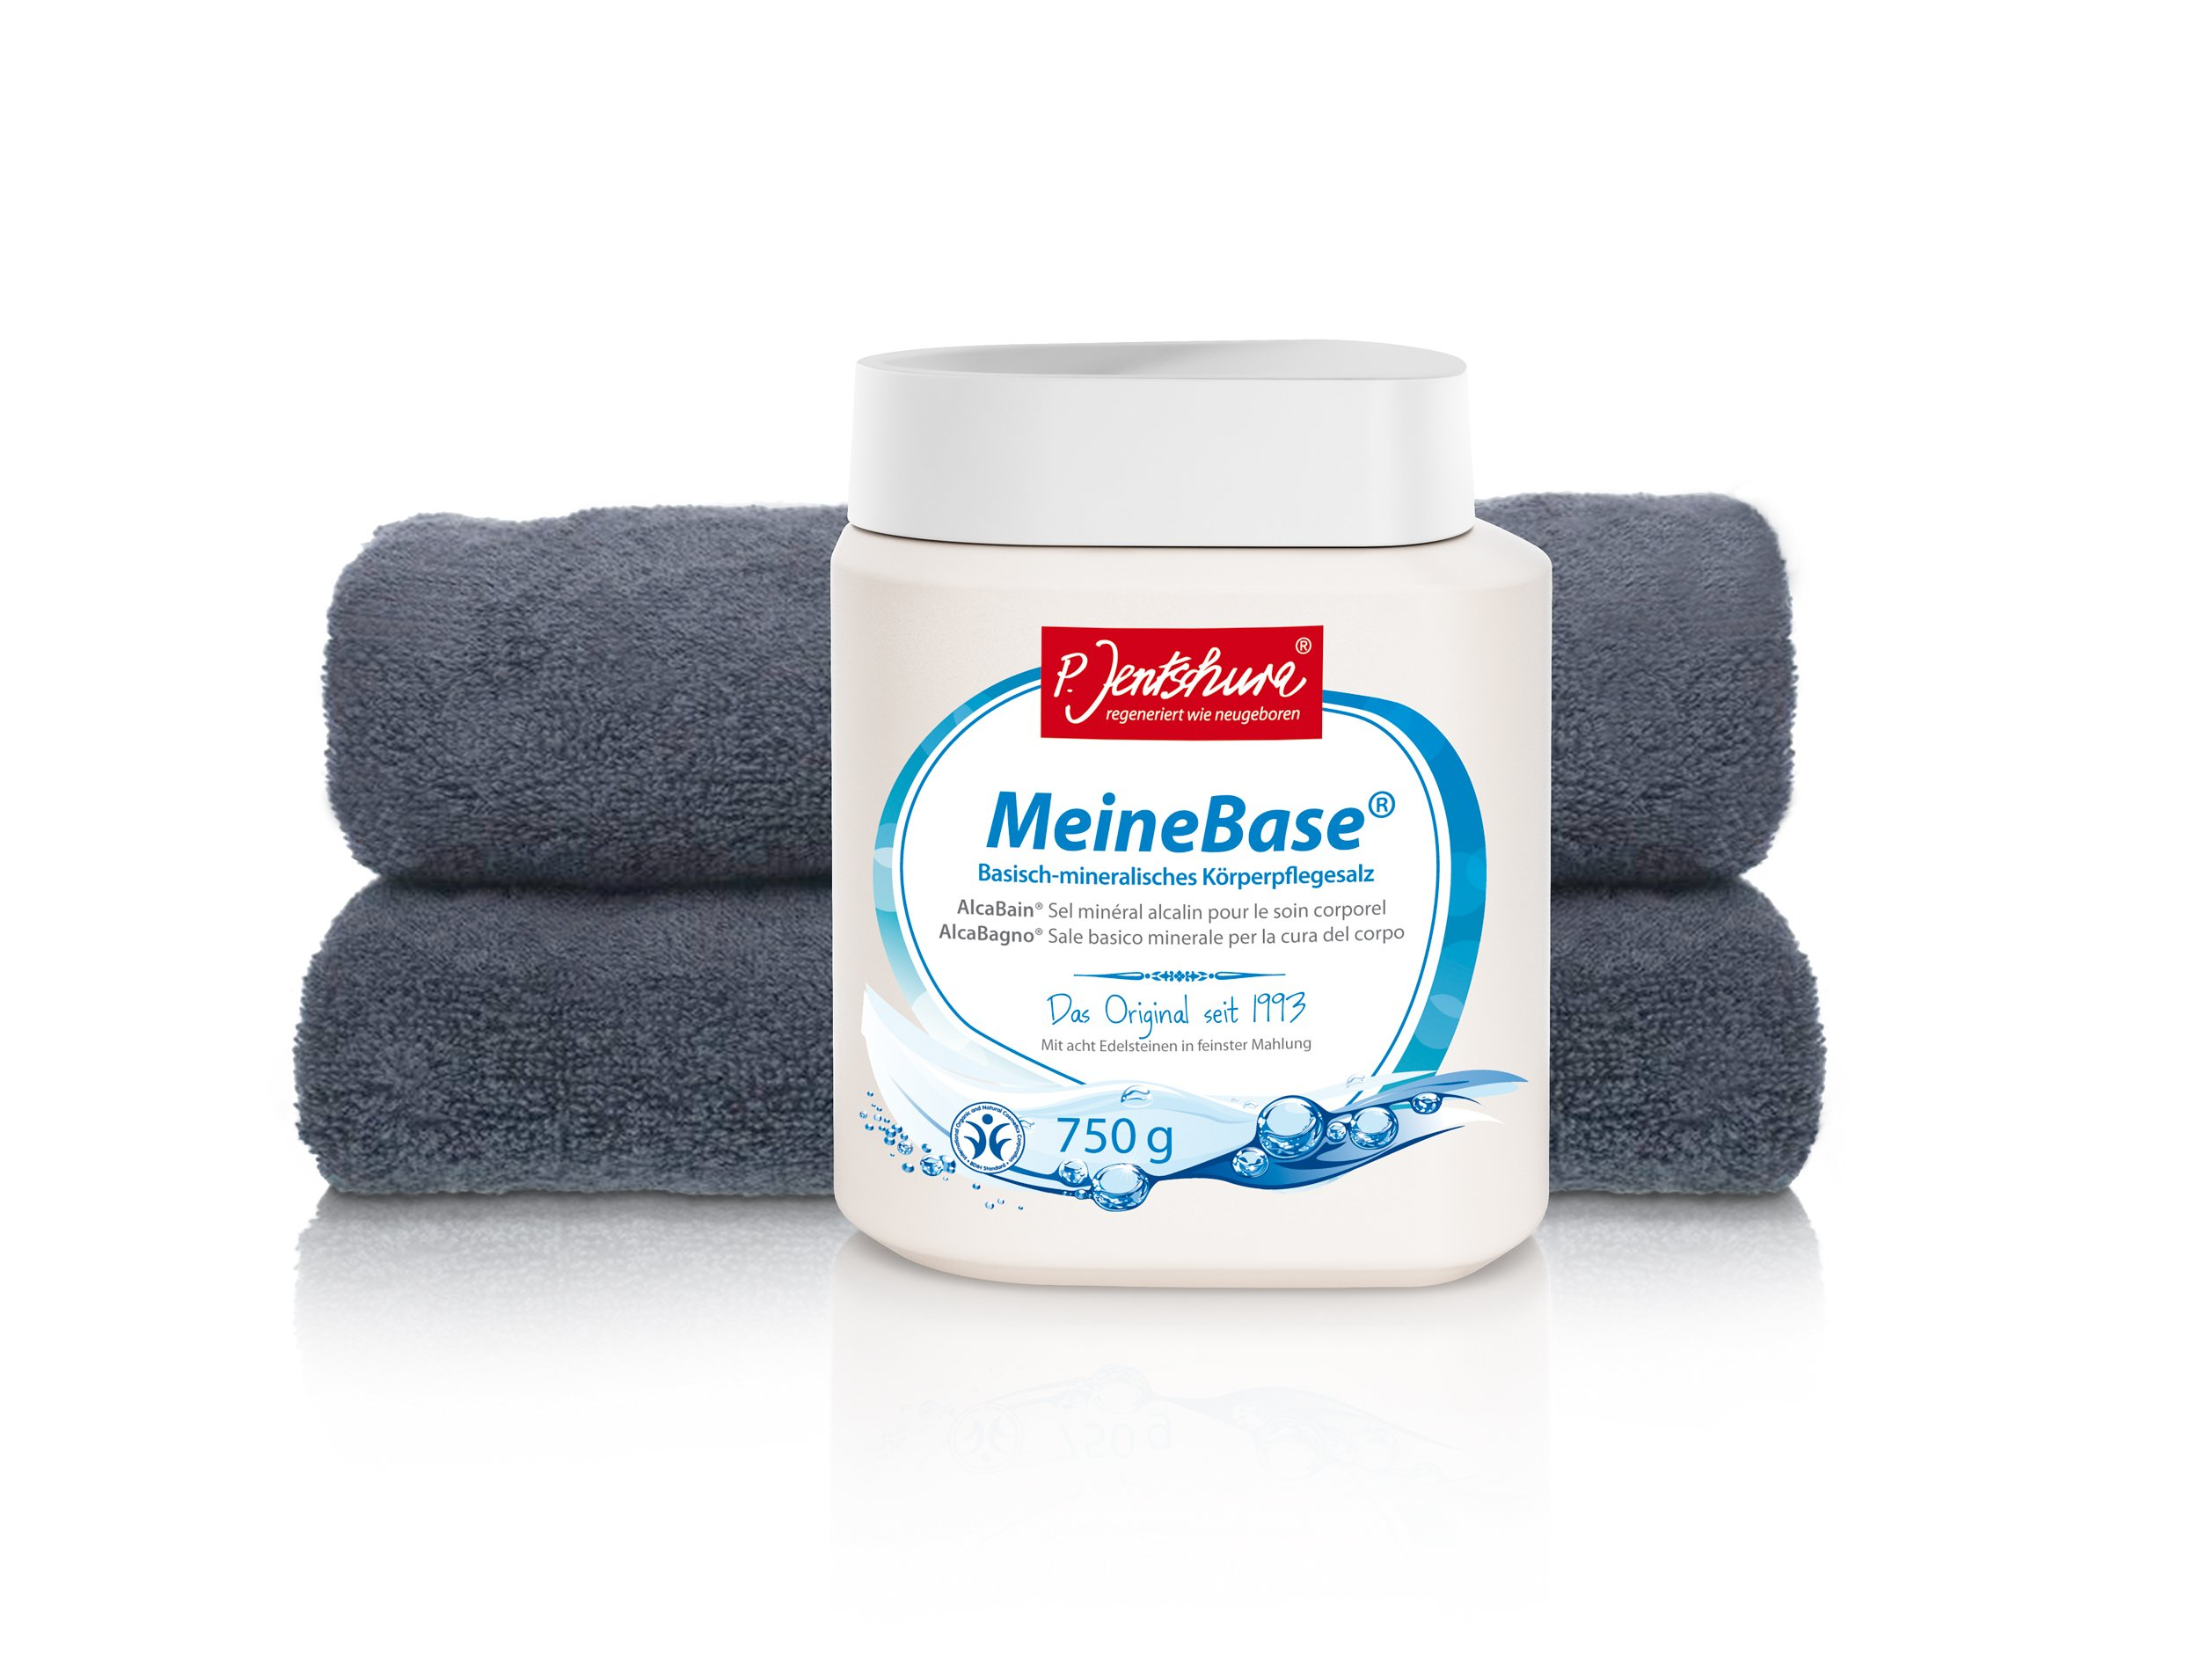 P. Jentschura MeineBase 750 g